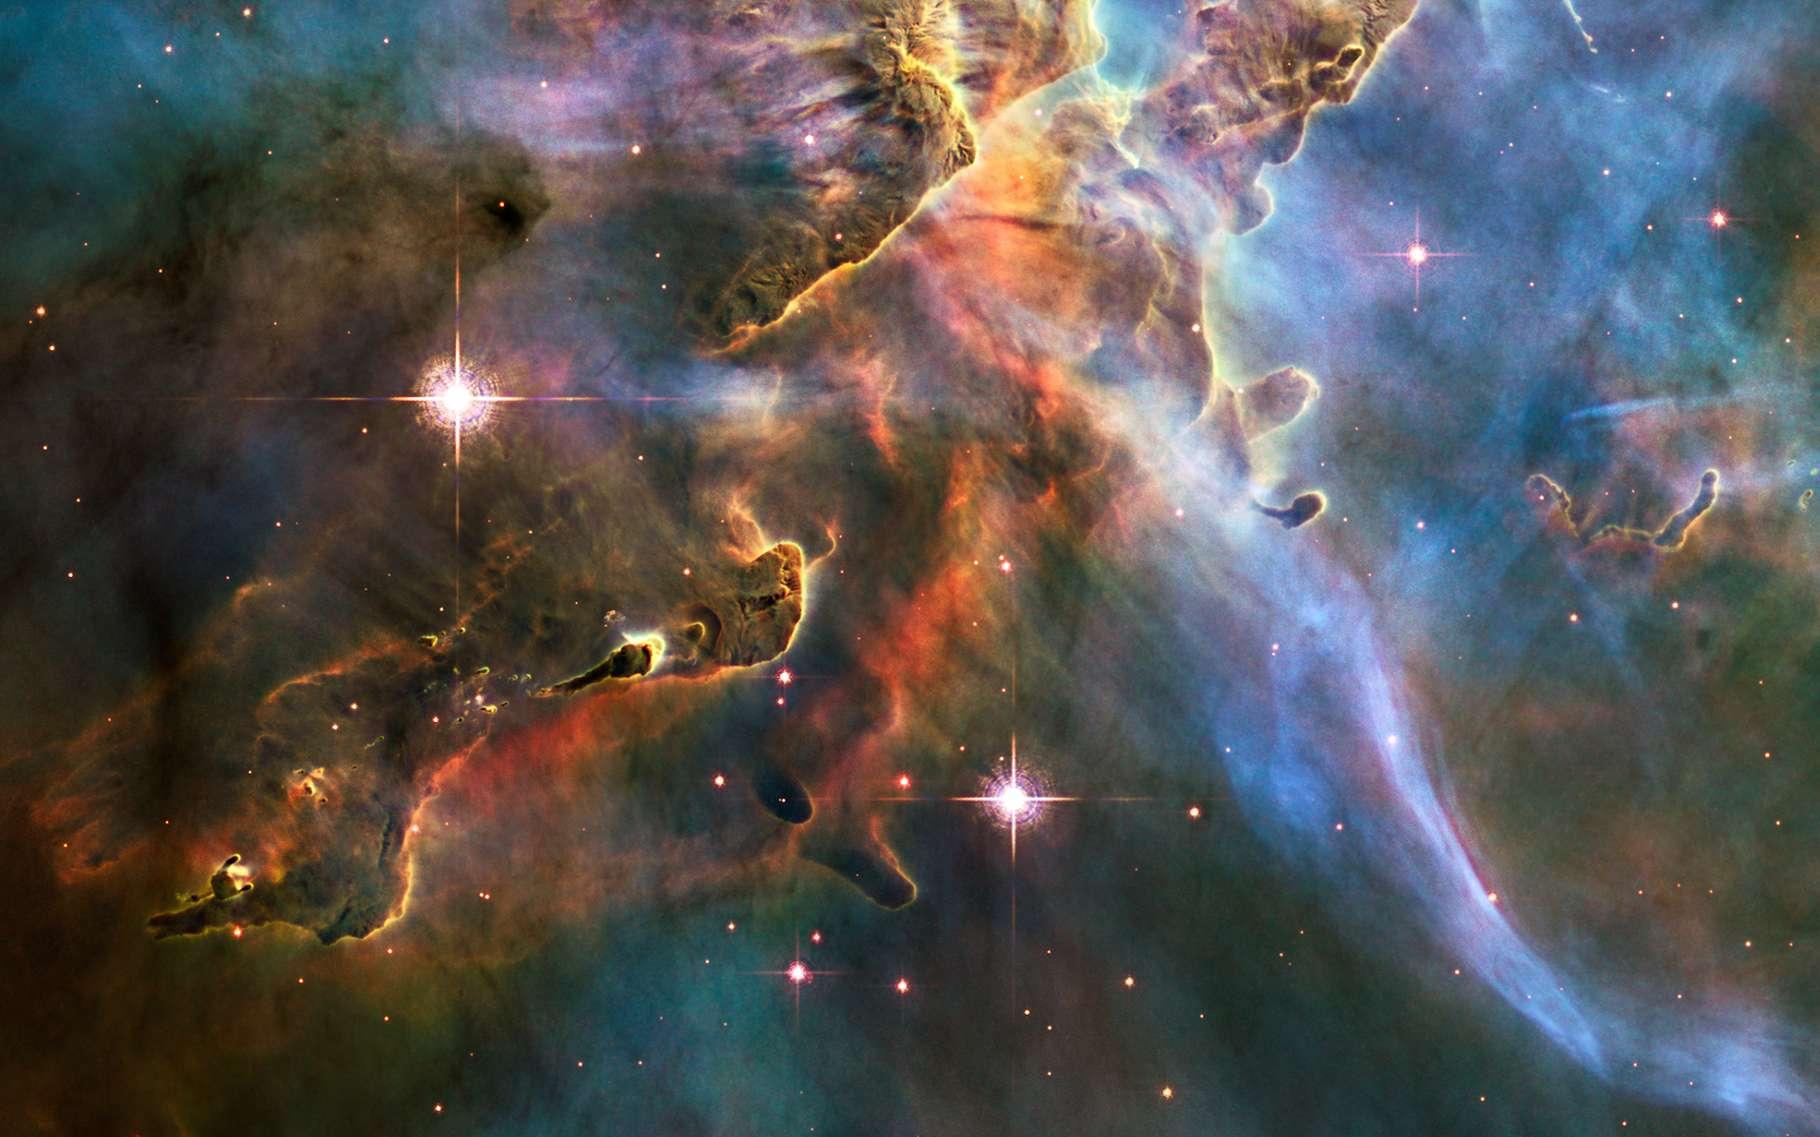 De brillantes étoiles dans la nébuleuse de la Carène. Cette dernière se trouve à une distance estimée entre 6.500 et 10.000 années-lumière, dans la constellation du même nom. © Hubble Space Telescope